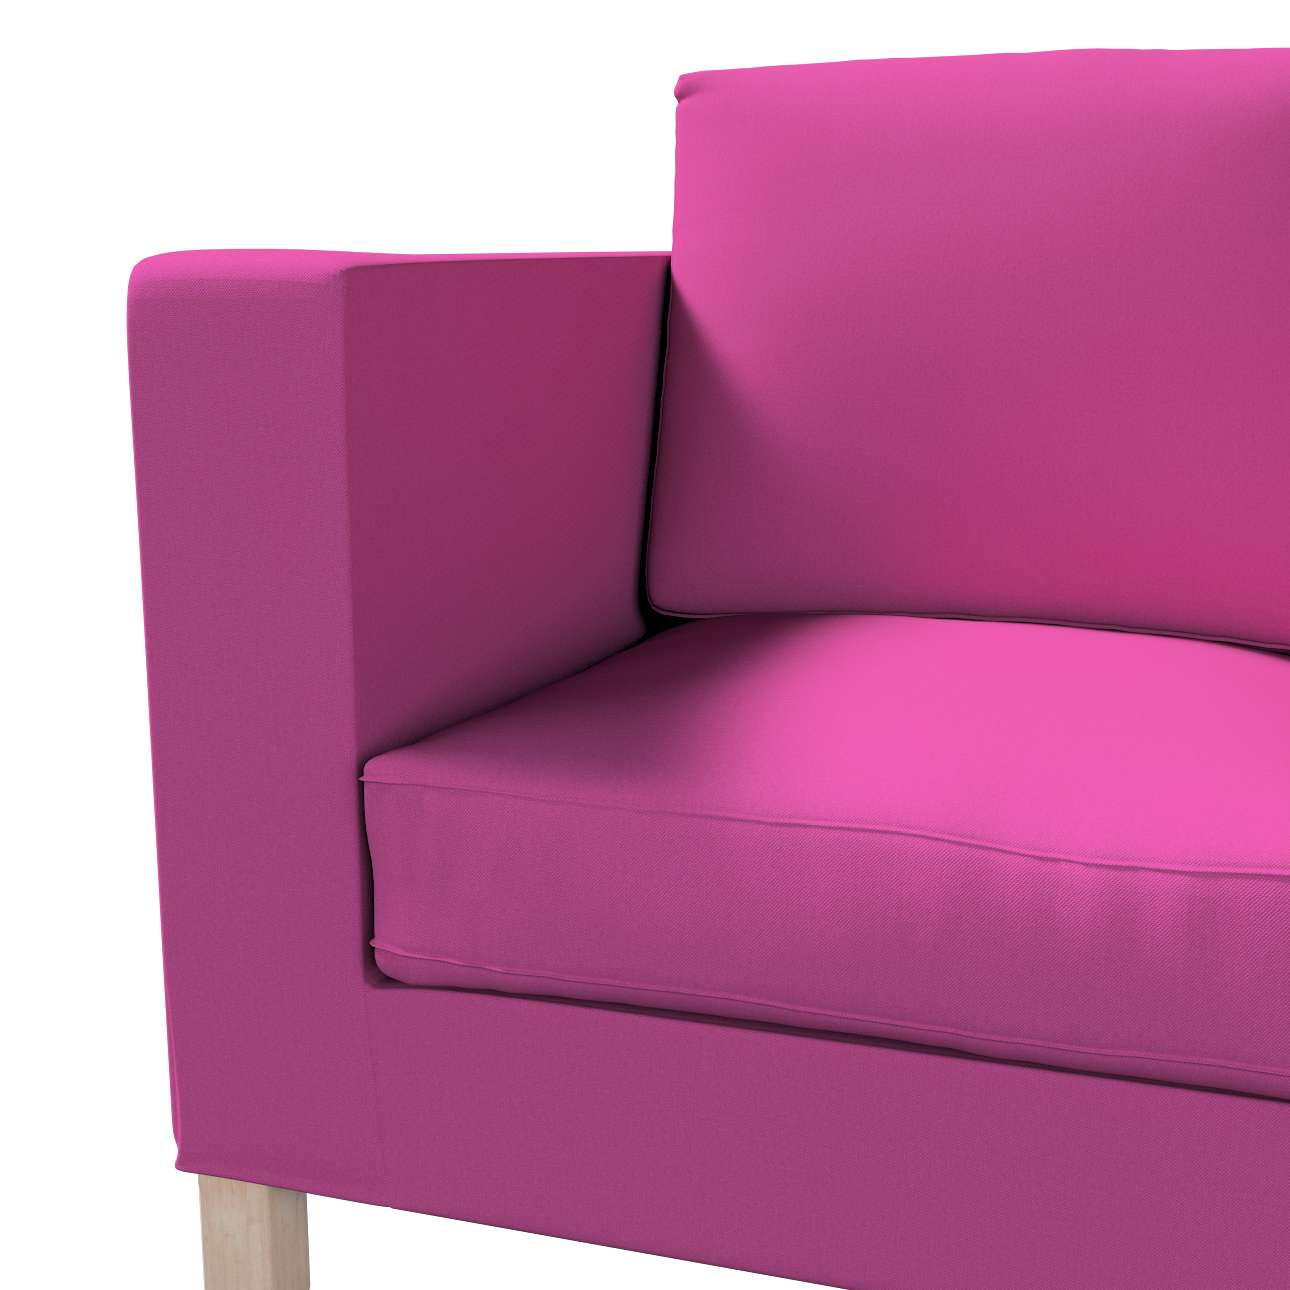 Bezug für Karlanda 2-Sitzer Sofa nicht ausklappbar, kurz von der Kollektion Etna, Stoff: 705-23